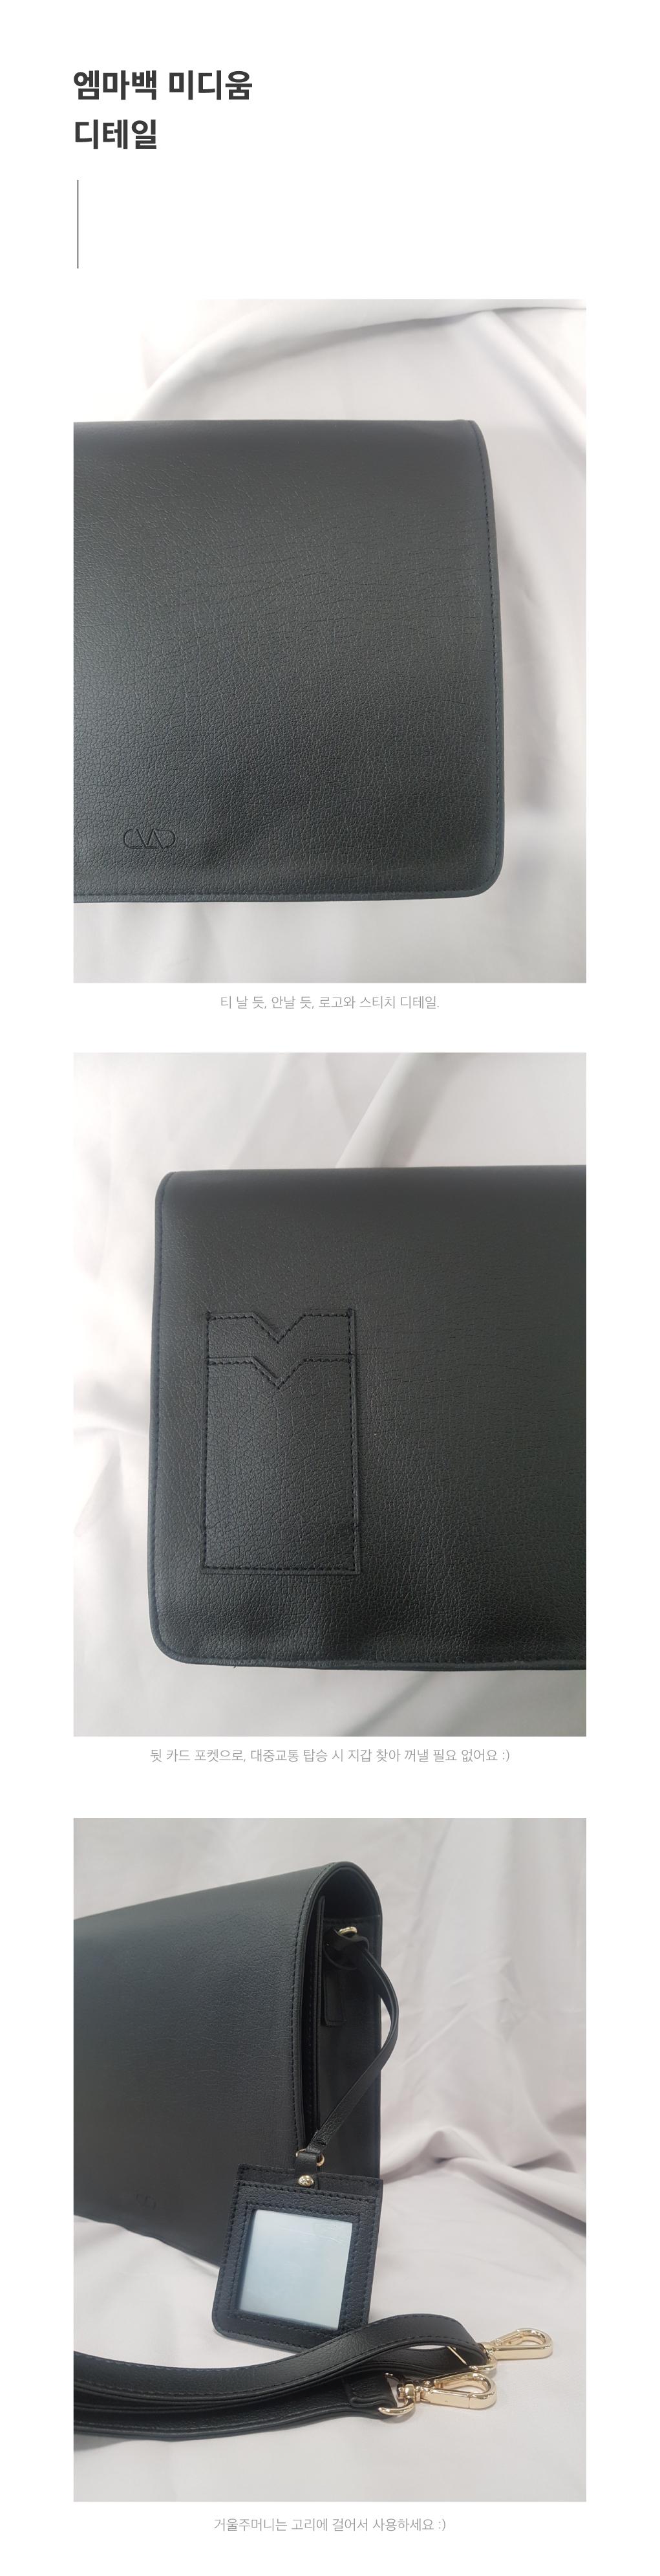 엠마백-미디엄블랙-상세페이지5.jpg